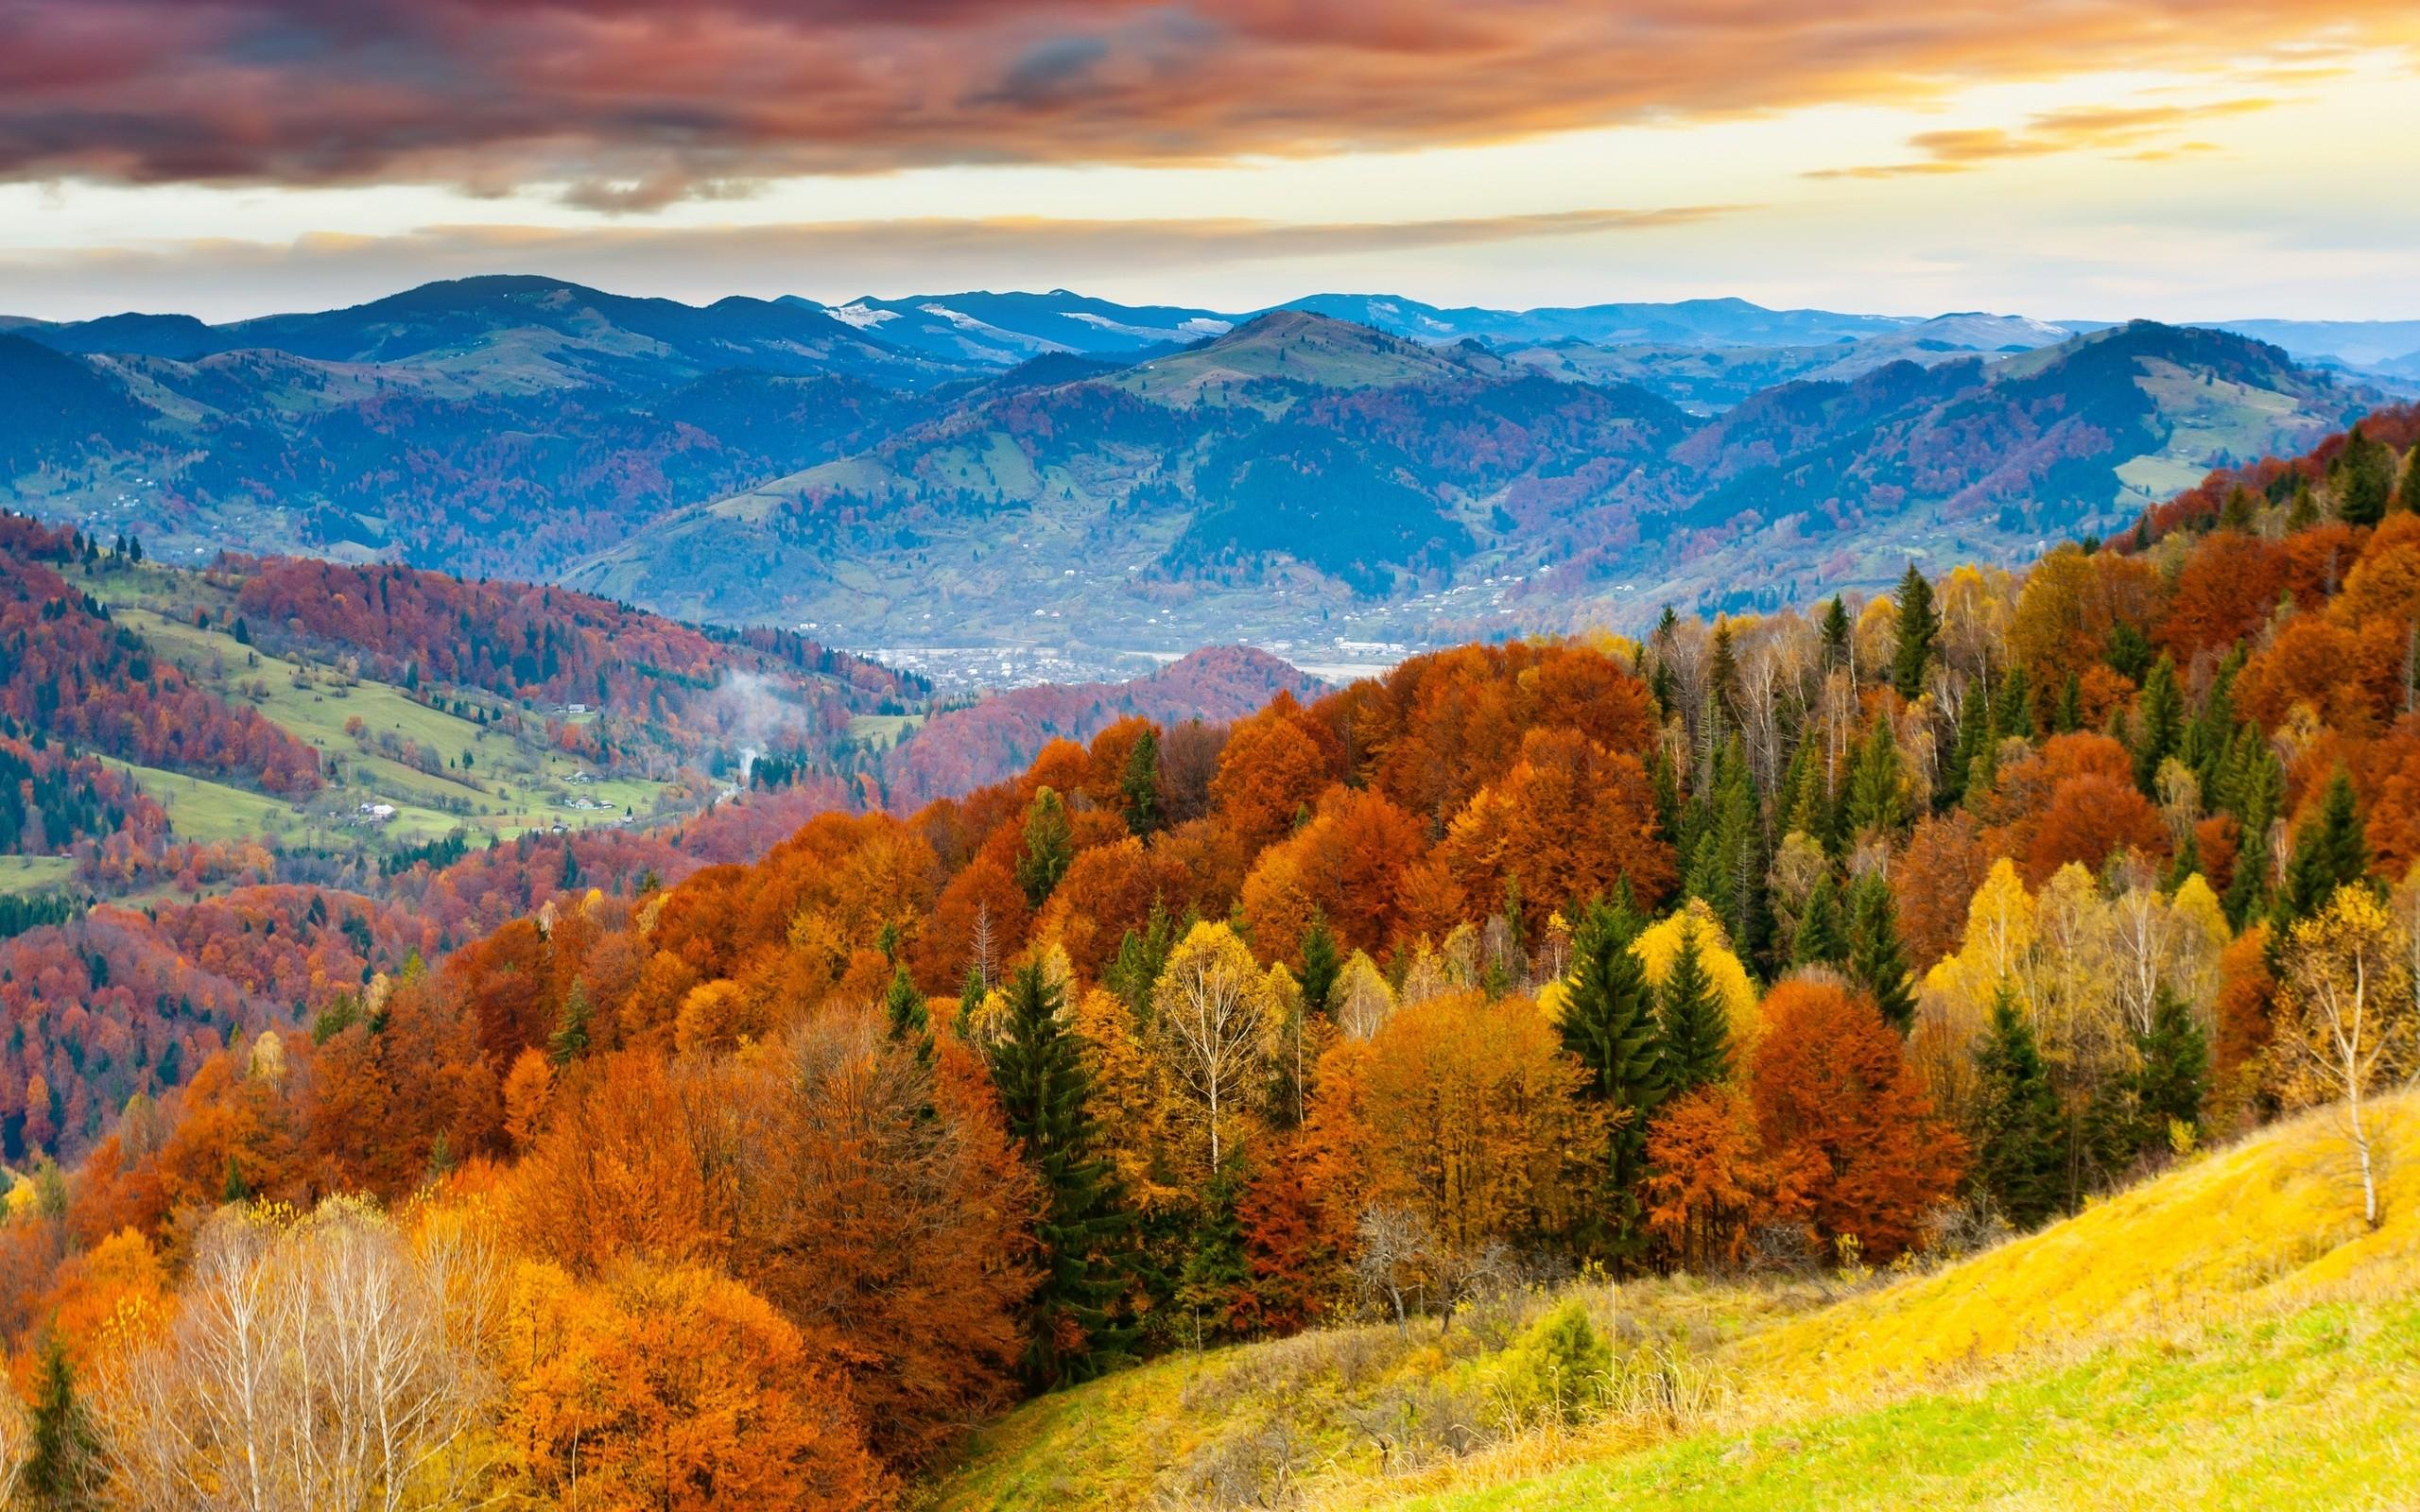 Fall Mountain Desktop Wallpaper Autumn Landscape Wallpaper 69 Images